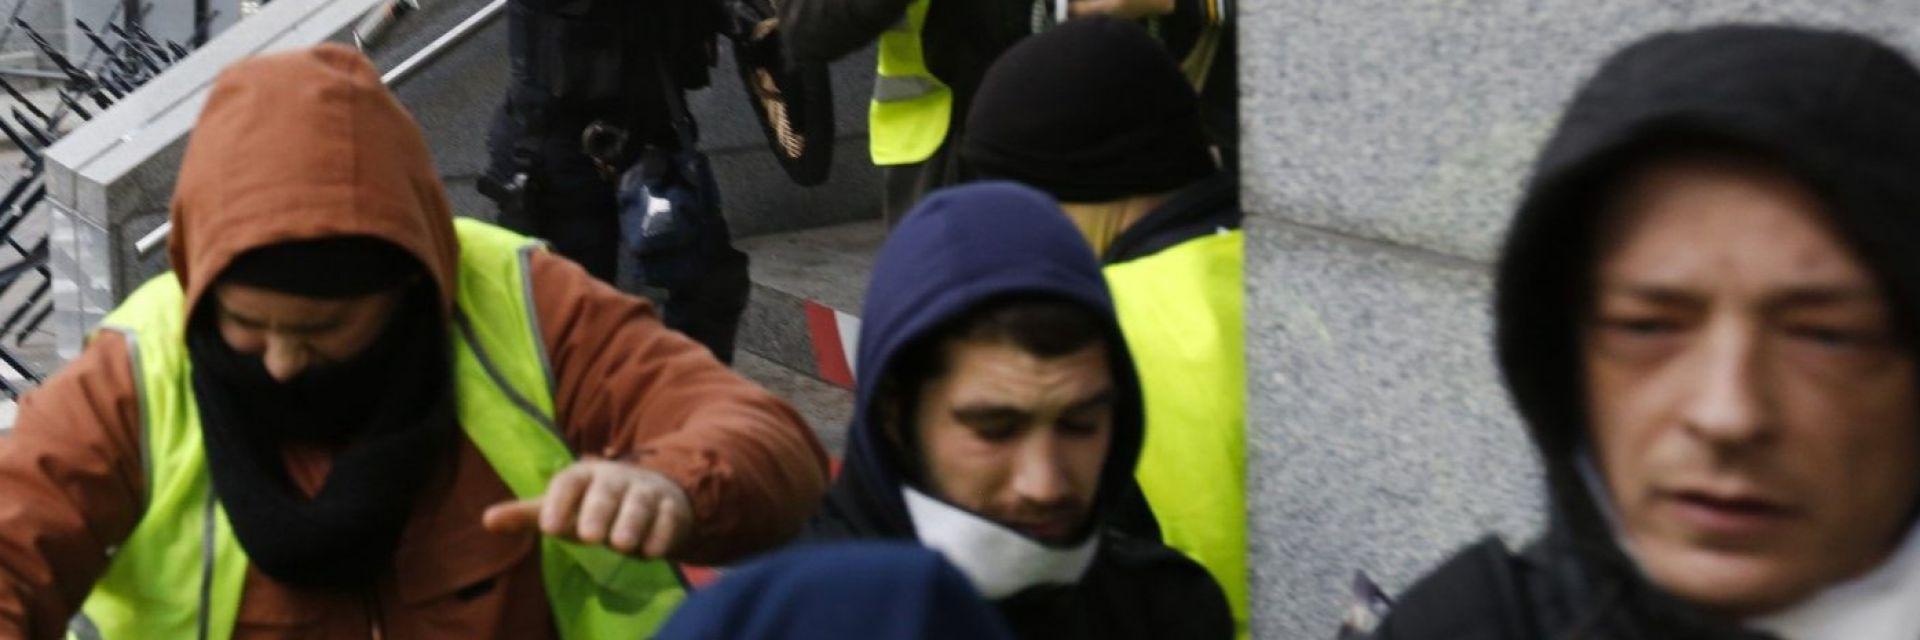 Битка за Европaрламента в Брюксел: Жълти жилетки опитаха да нахлуят